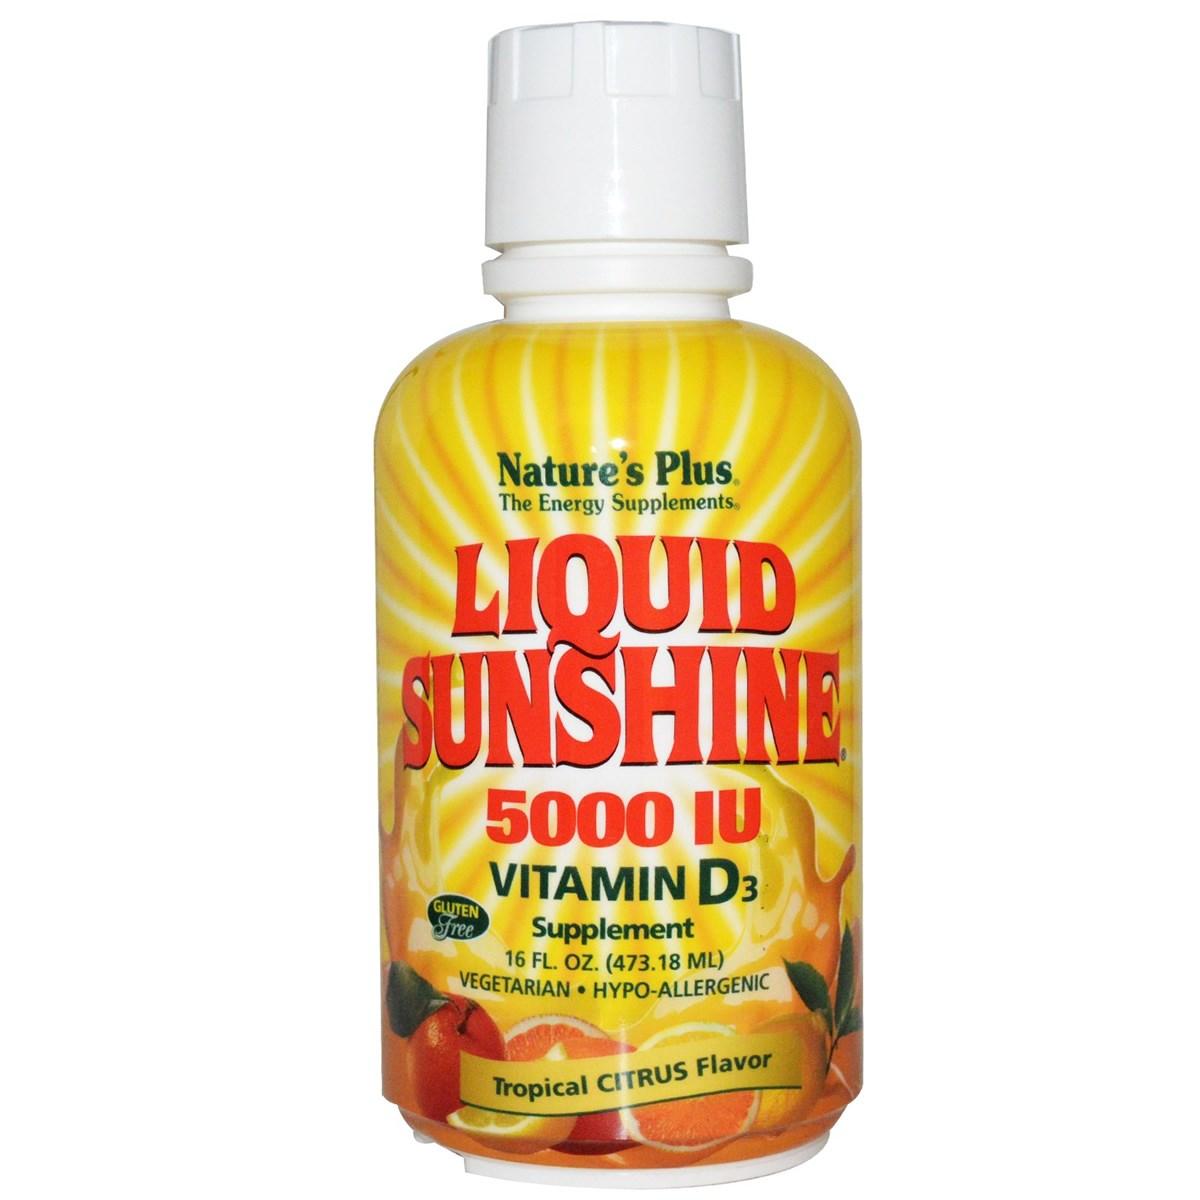 Natures Plus Liquid Sunshine Vitamin D3 1667 IU - Tropical Citrus